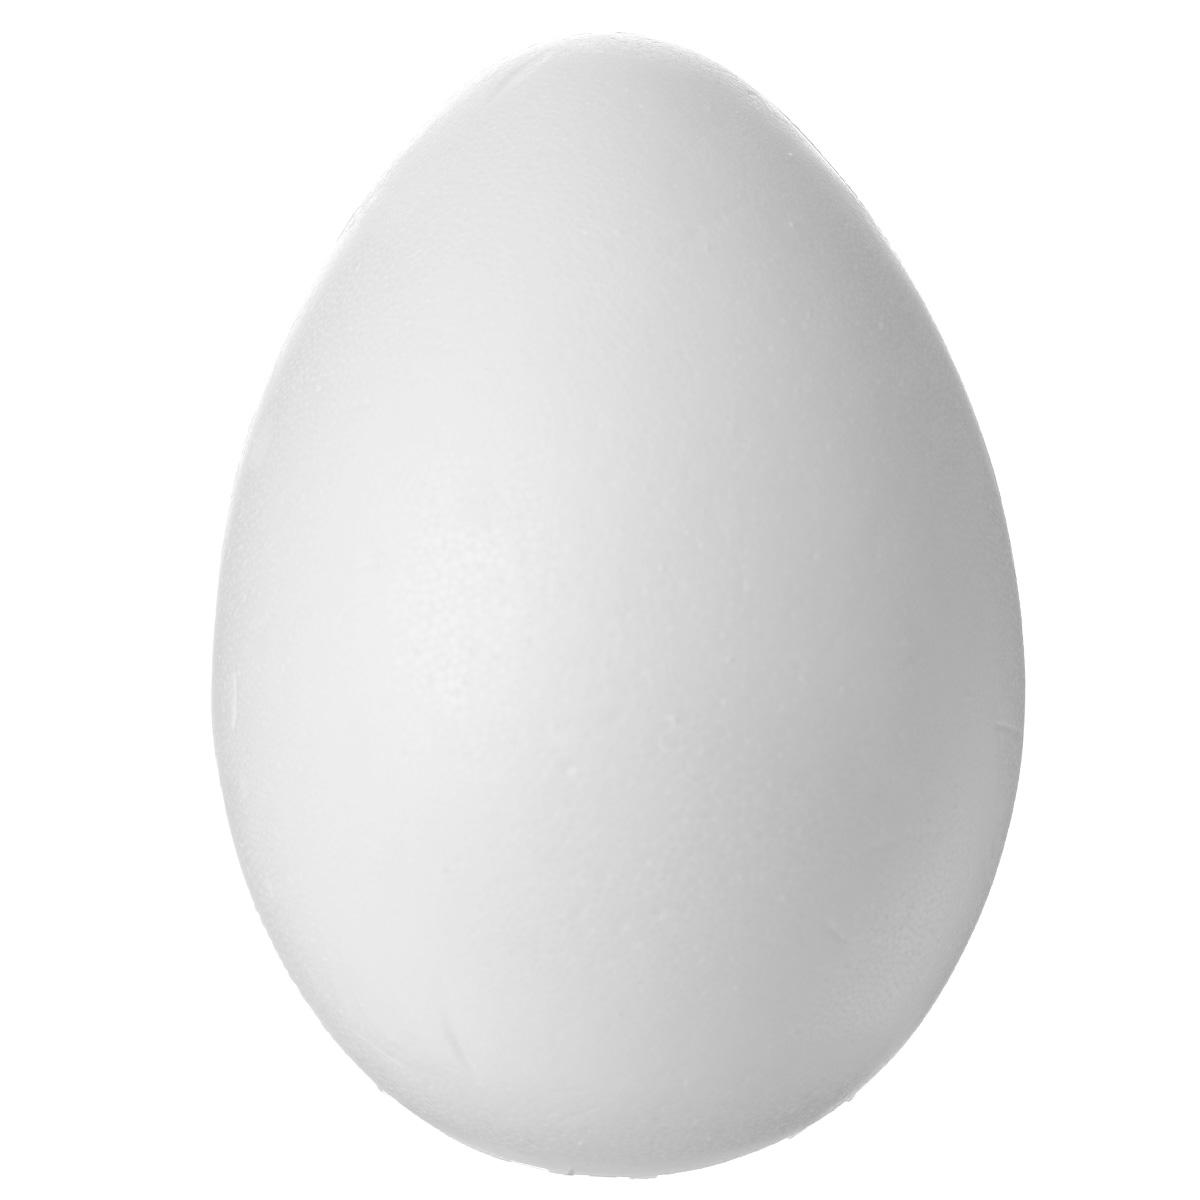 Яйцо картинки для детей, новым годом